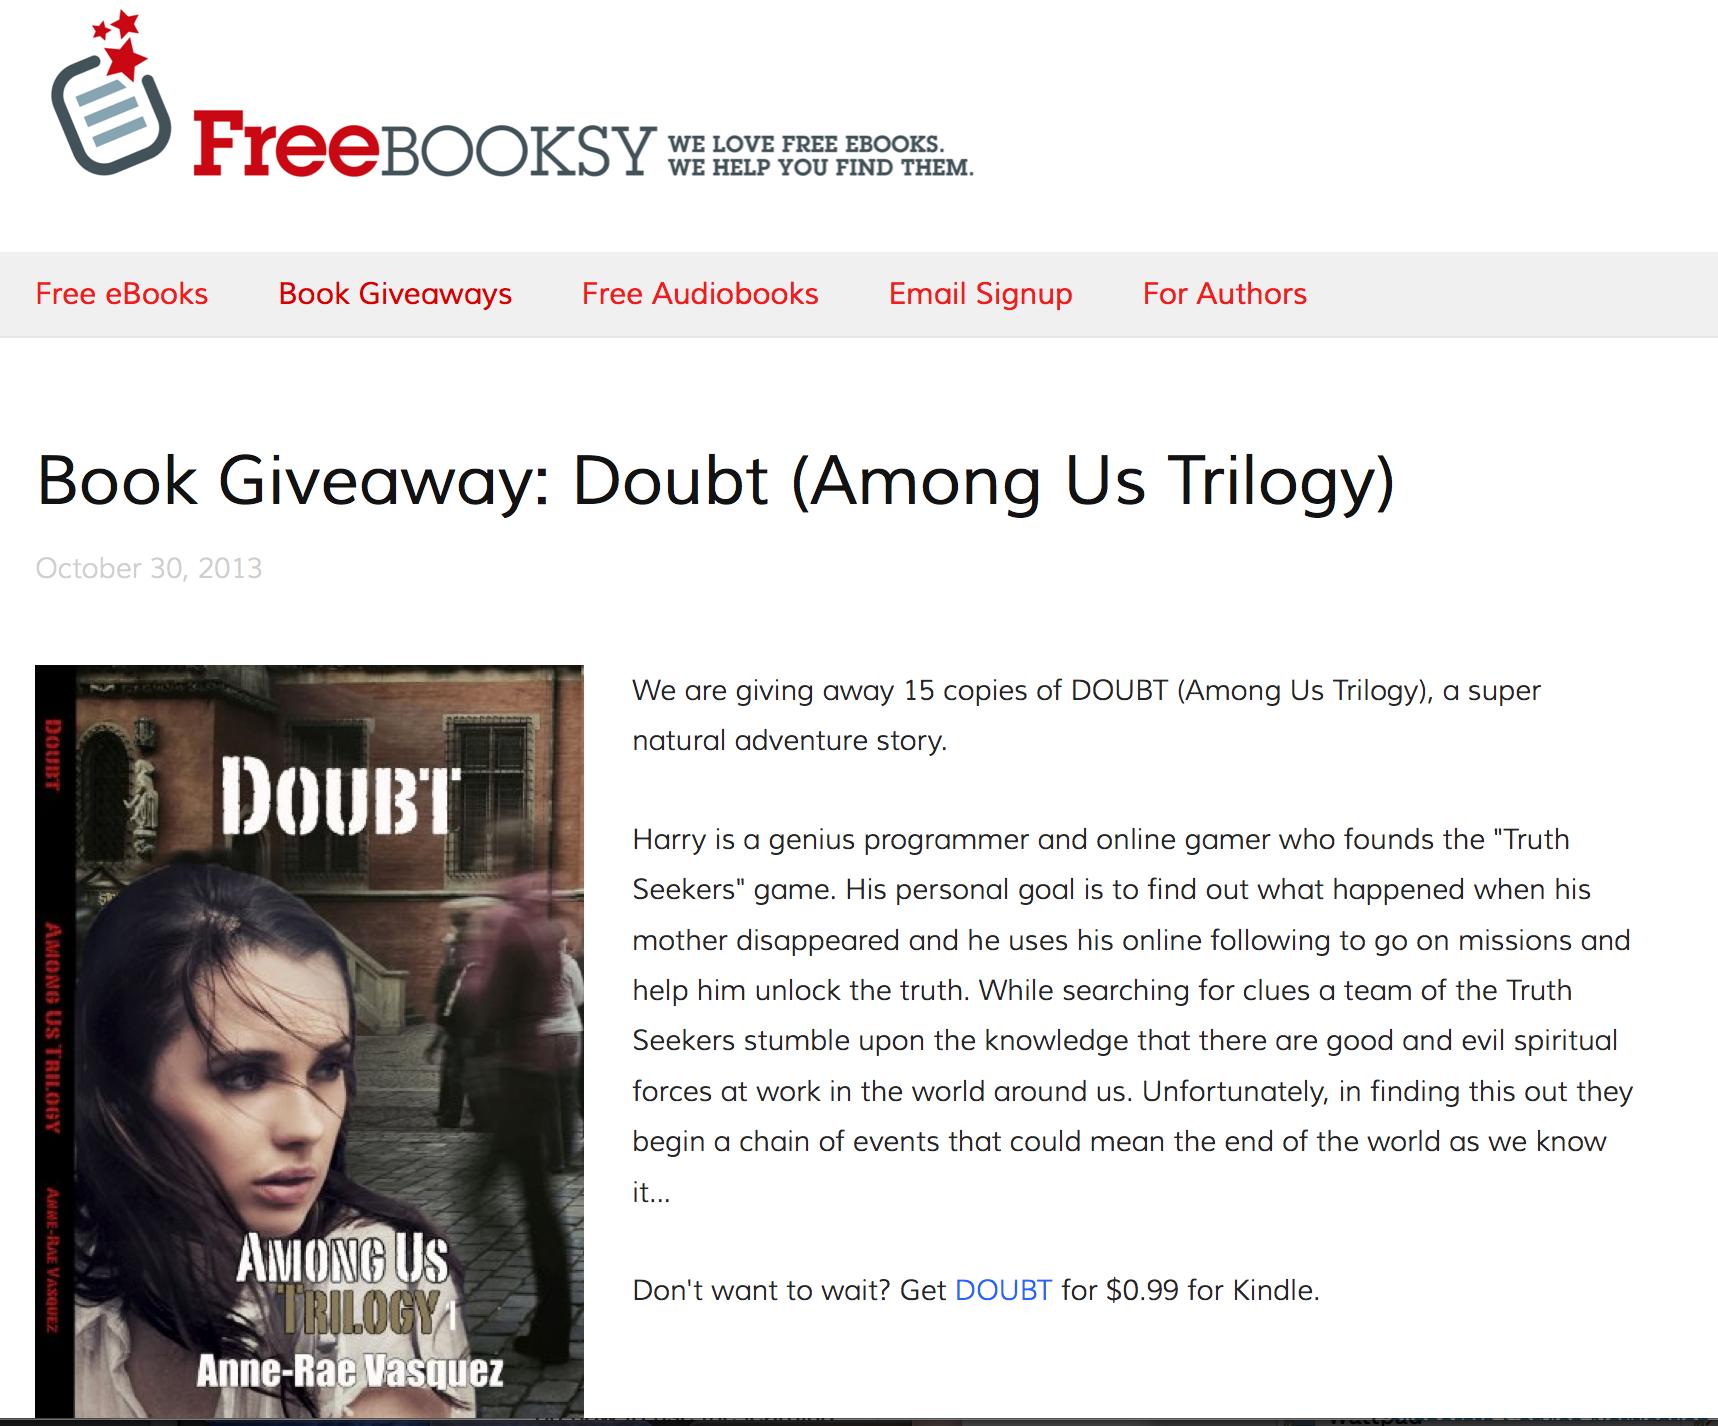 FreeBooksy Giveaway of Doubt Among Us Trilogy